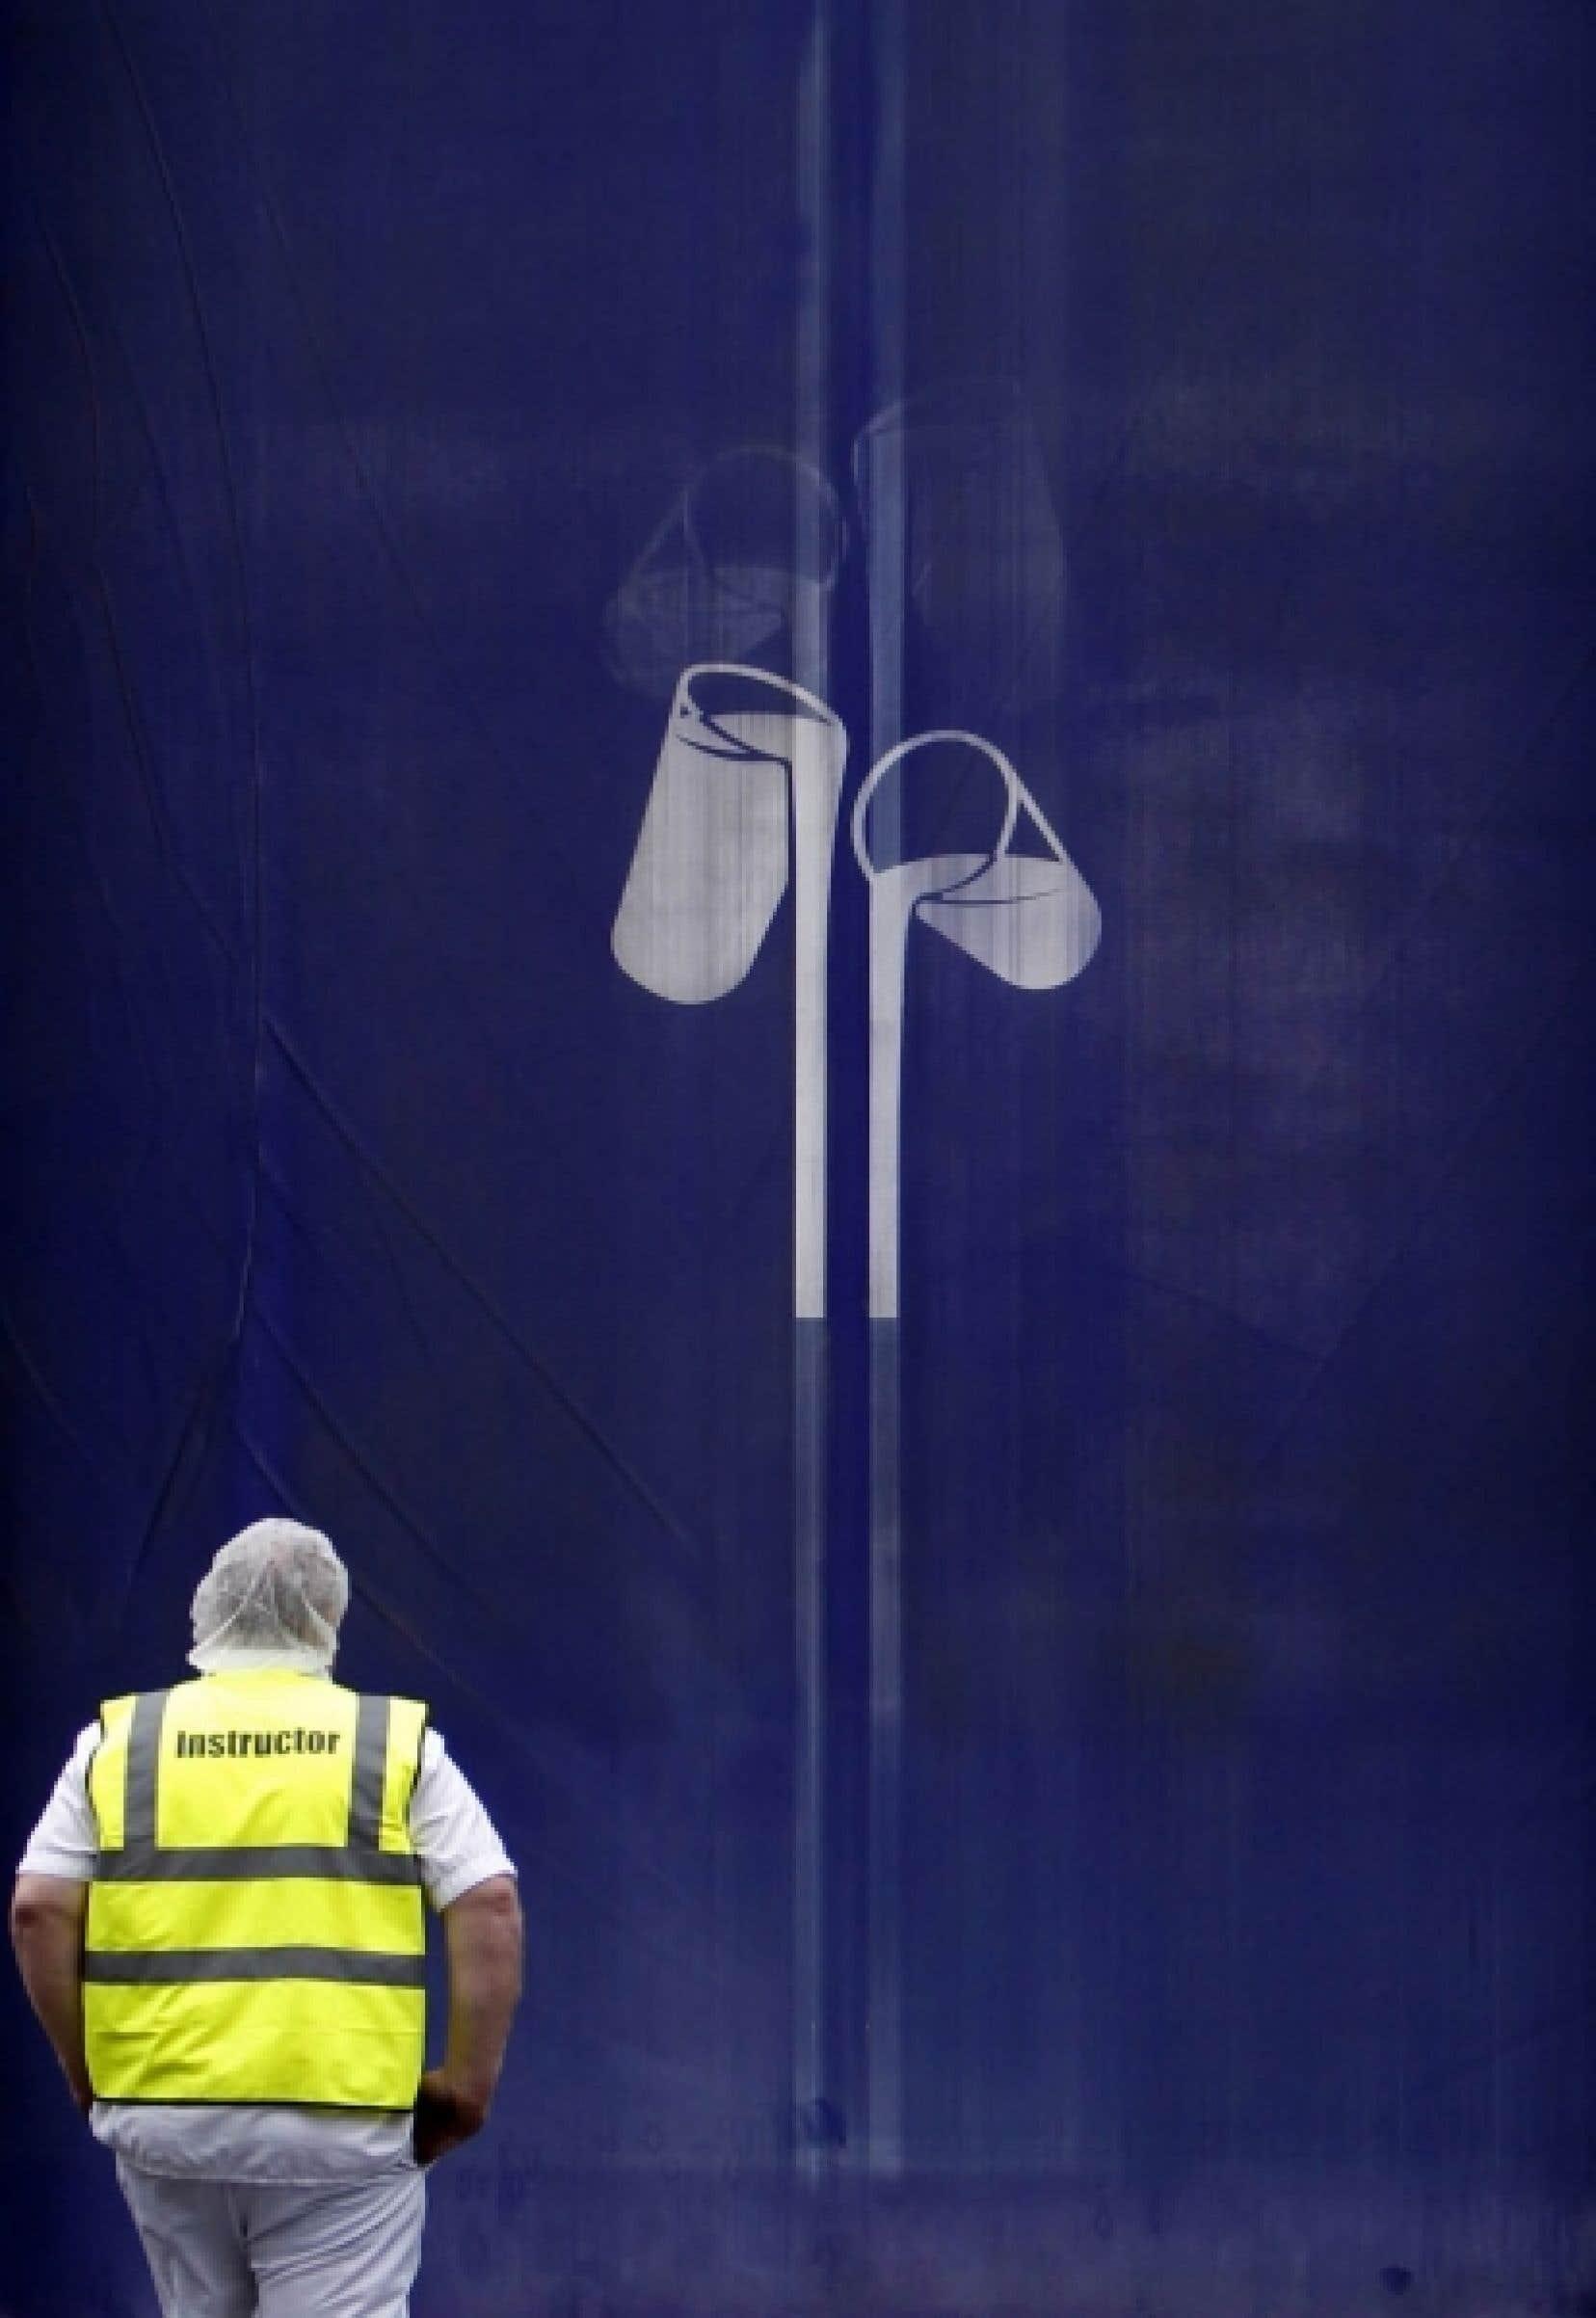 Un travailleur entre à l'usine Cadbury de Bournville, dans le centre de l'Angleterre. Le groupe emploie 5600 personnes au Royaume-Uni.